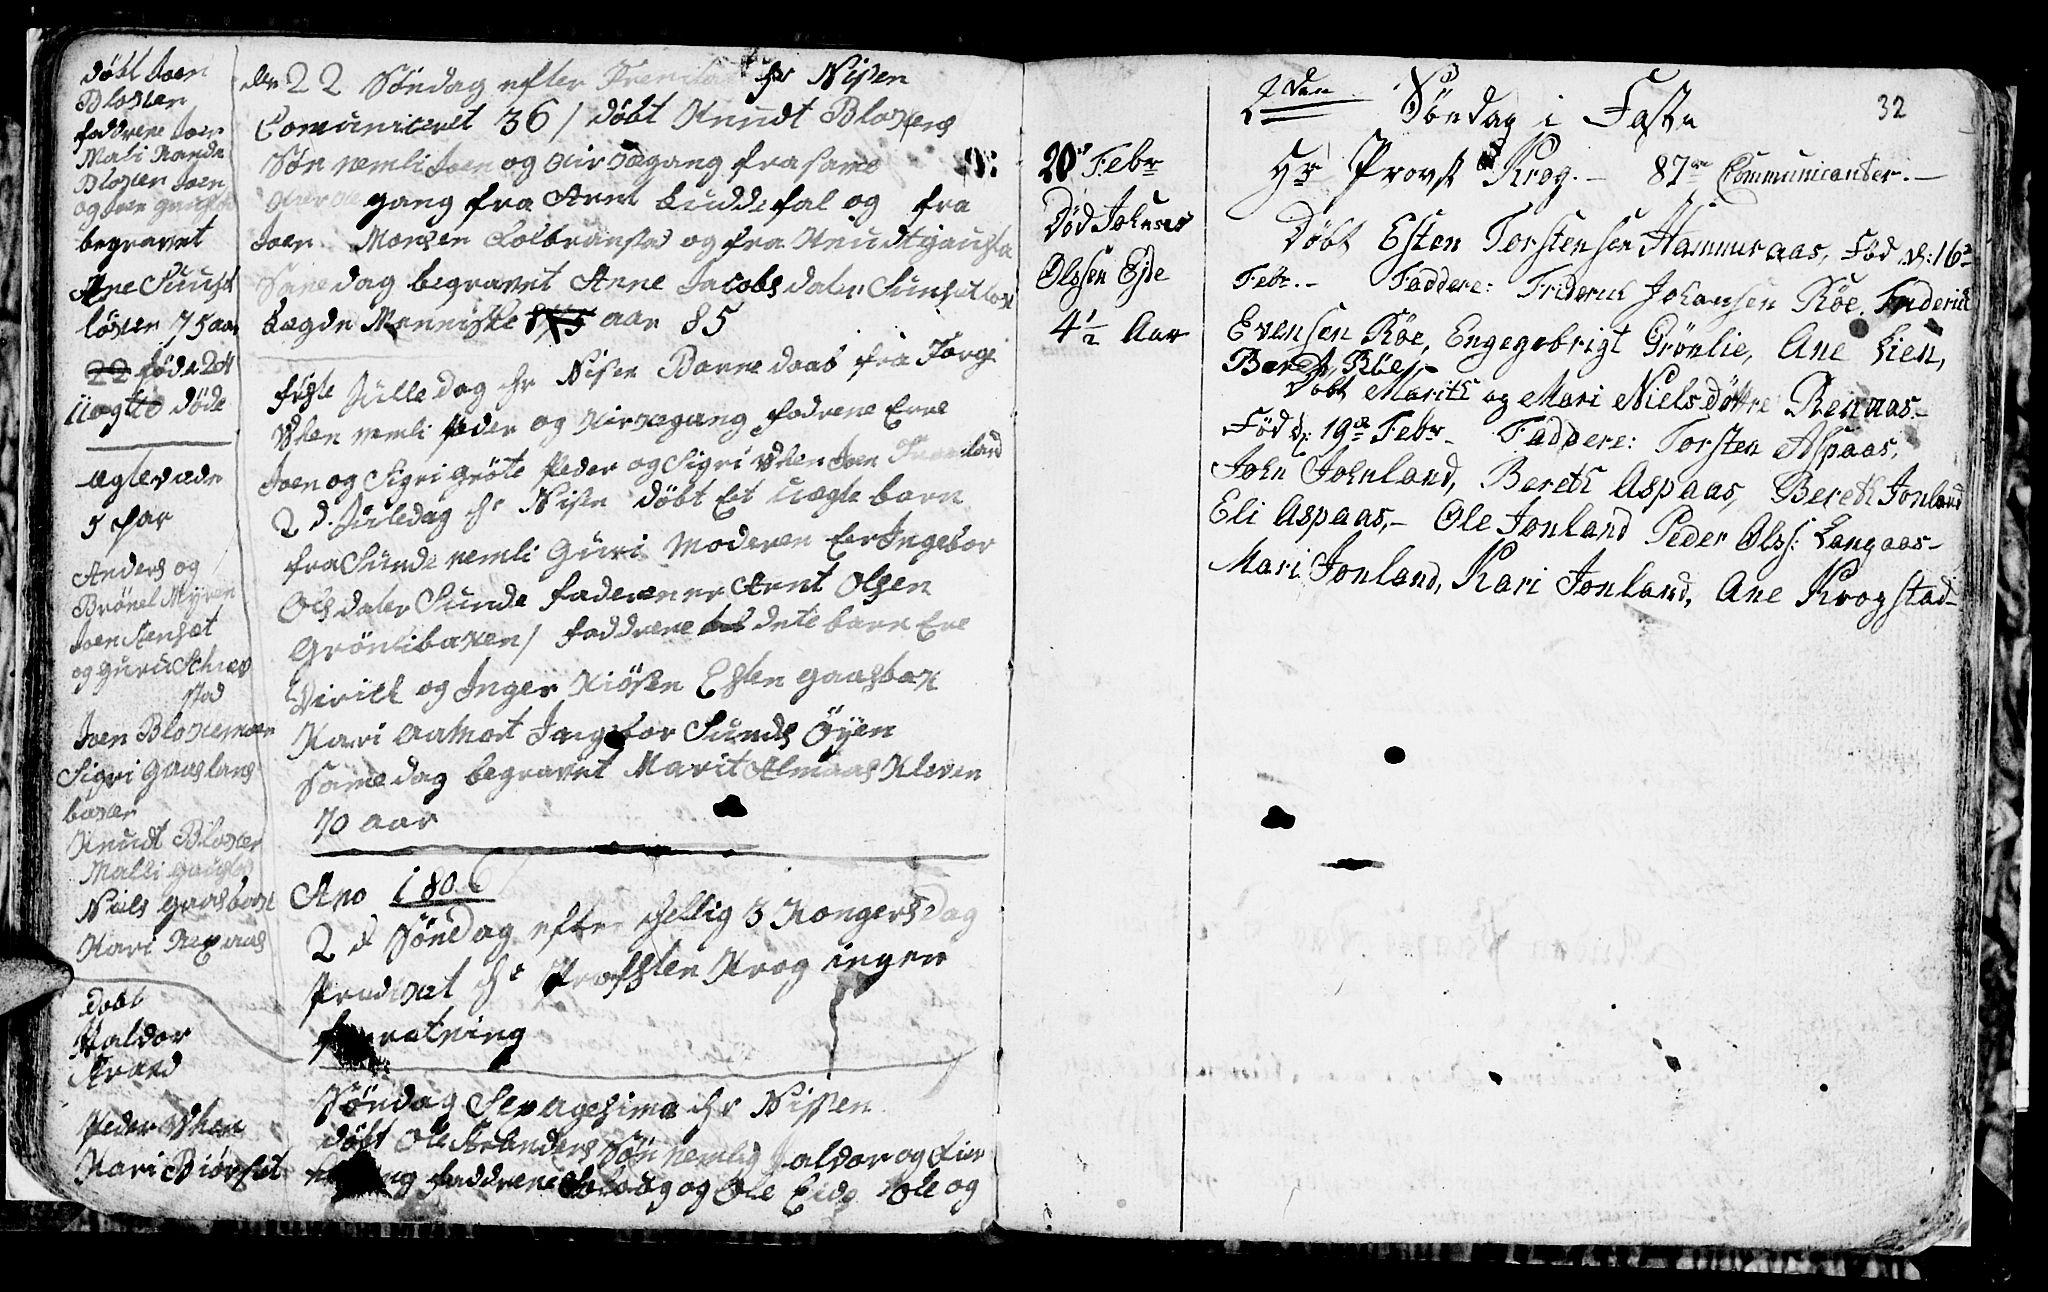 SAT, Ministerialprotokoller, klokkerbøker og fødselsregistre - Sør-Trøndelag, 694/L1129: Klokkerbok nr. 694C01, 1793-1815, s. 32